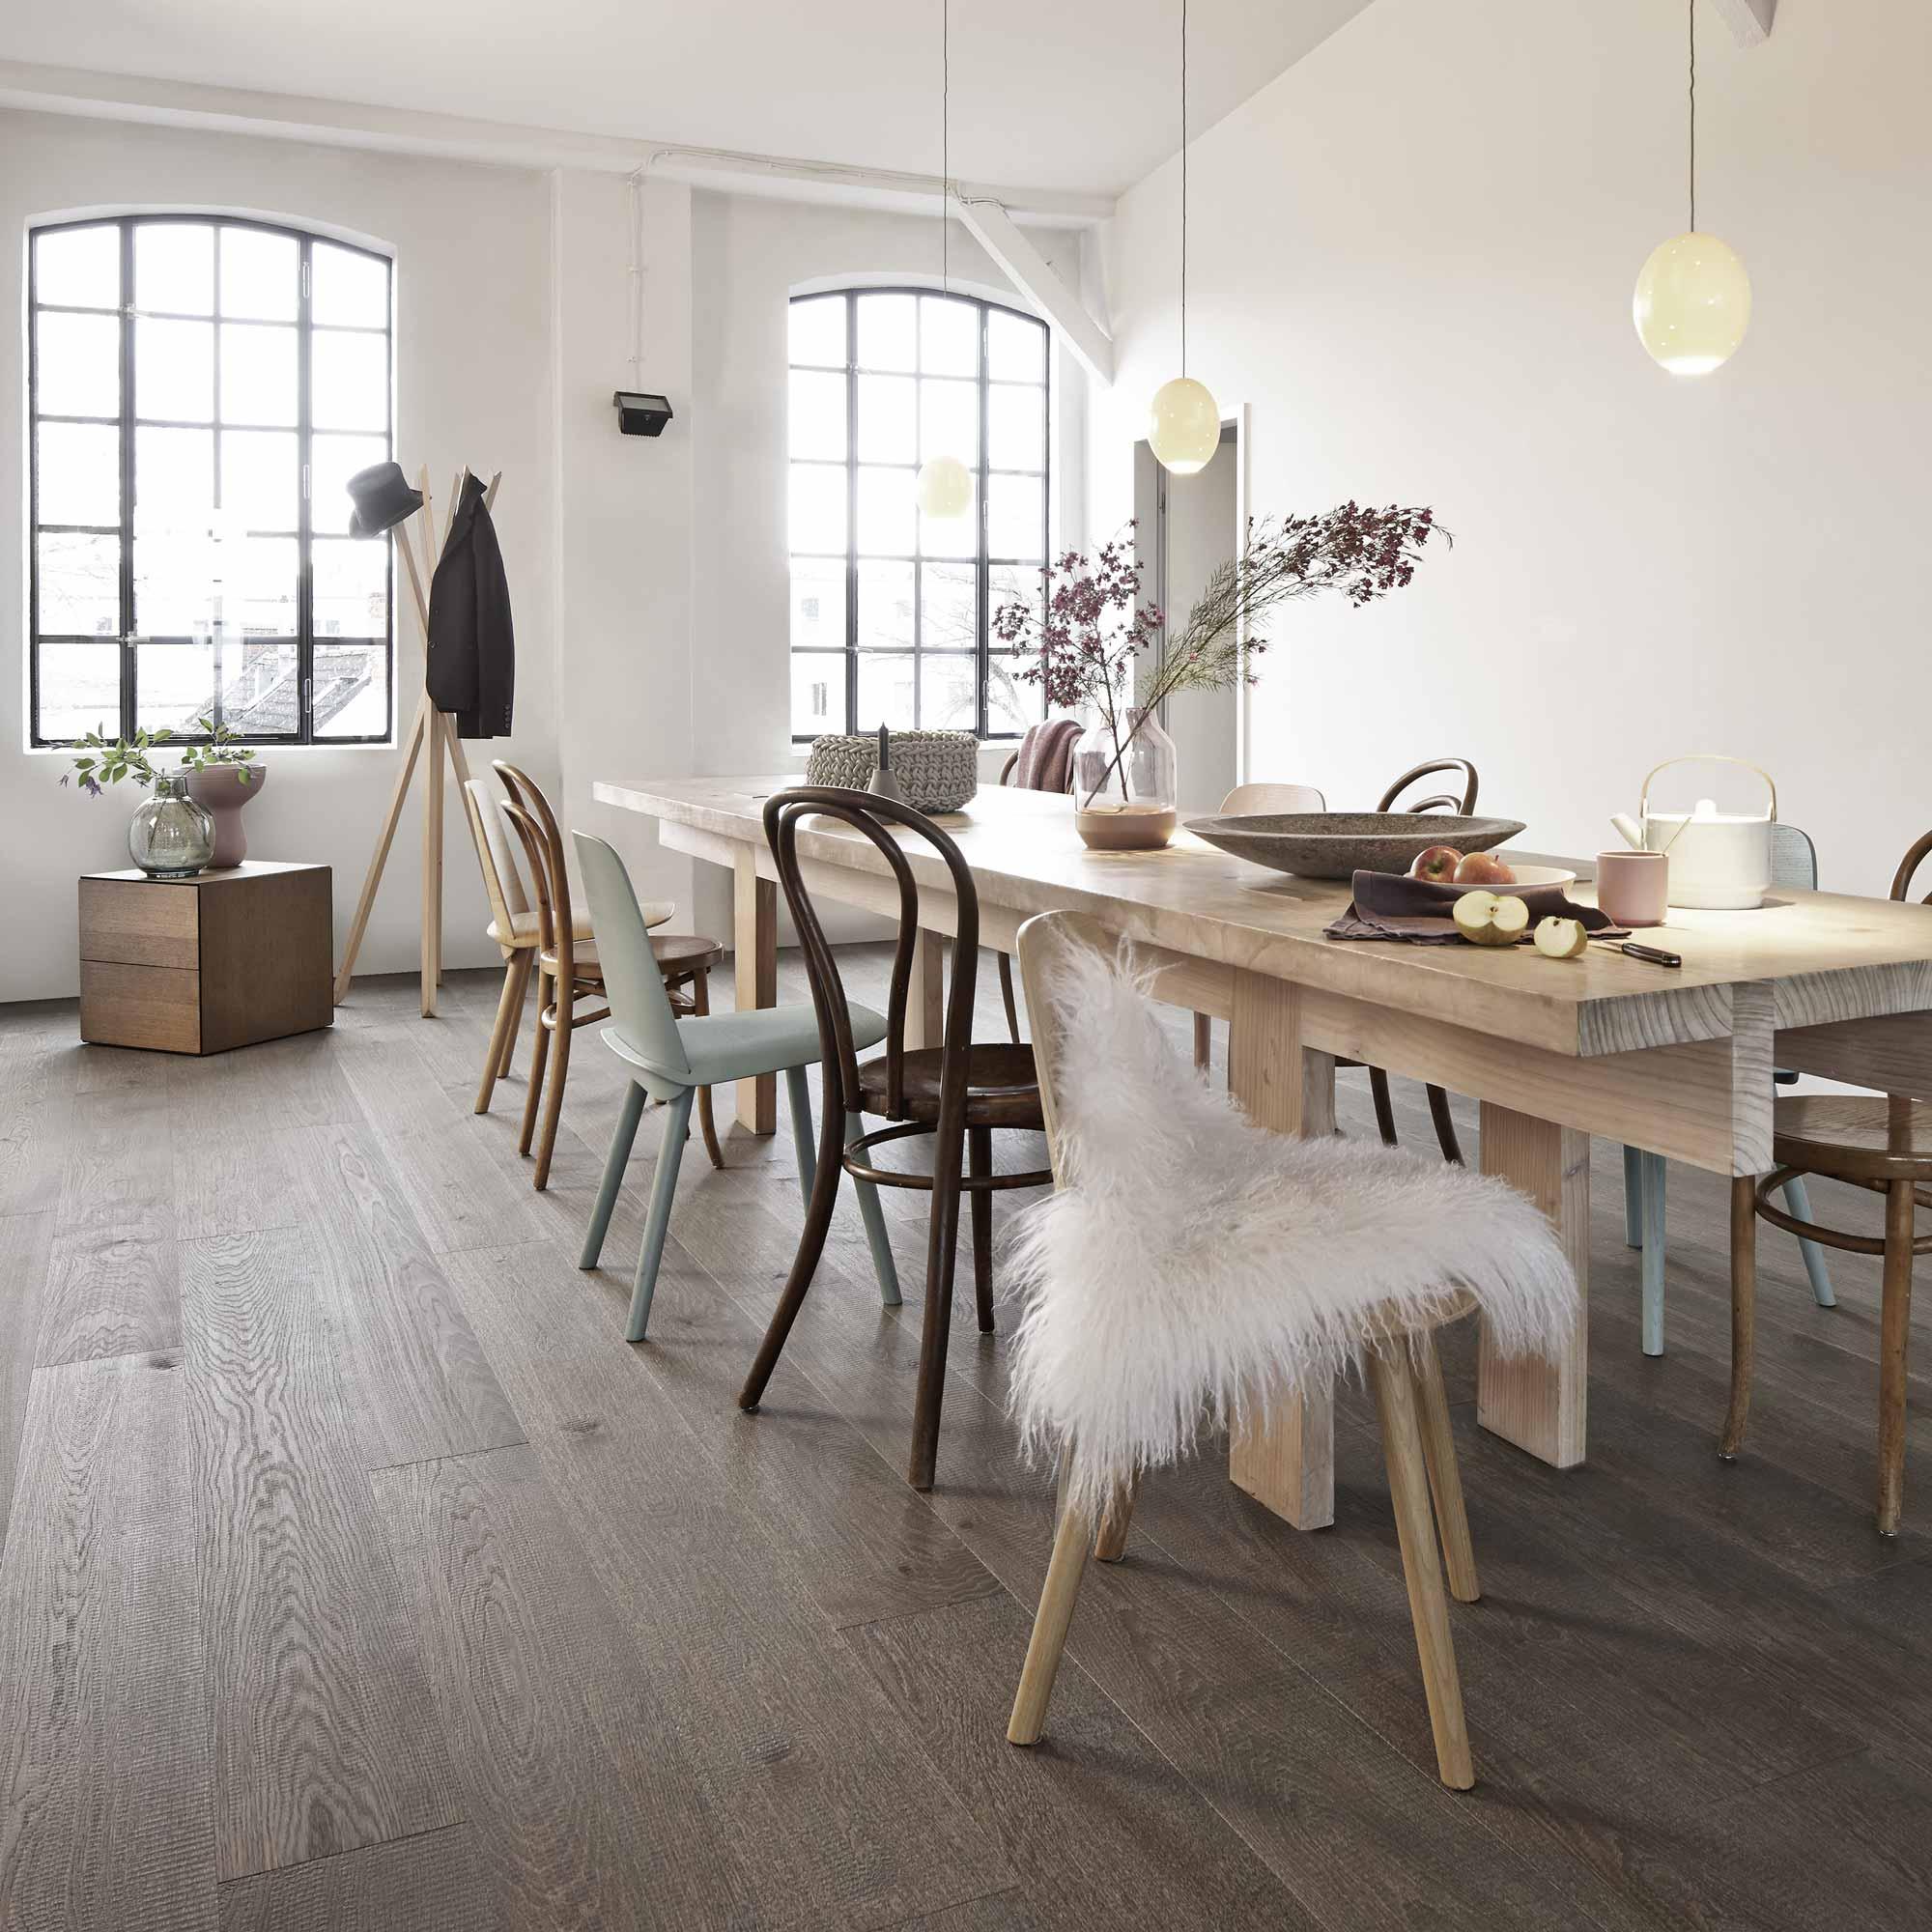 Modern chic Esszimmer mit Tisch und Stühlen | Holzland Verbeek